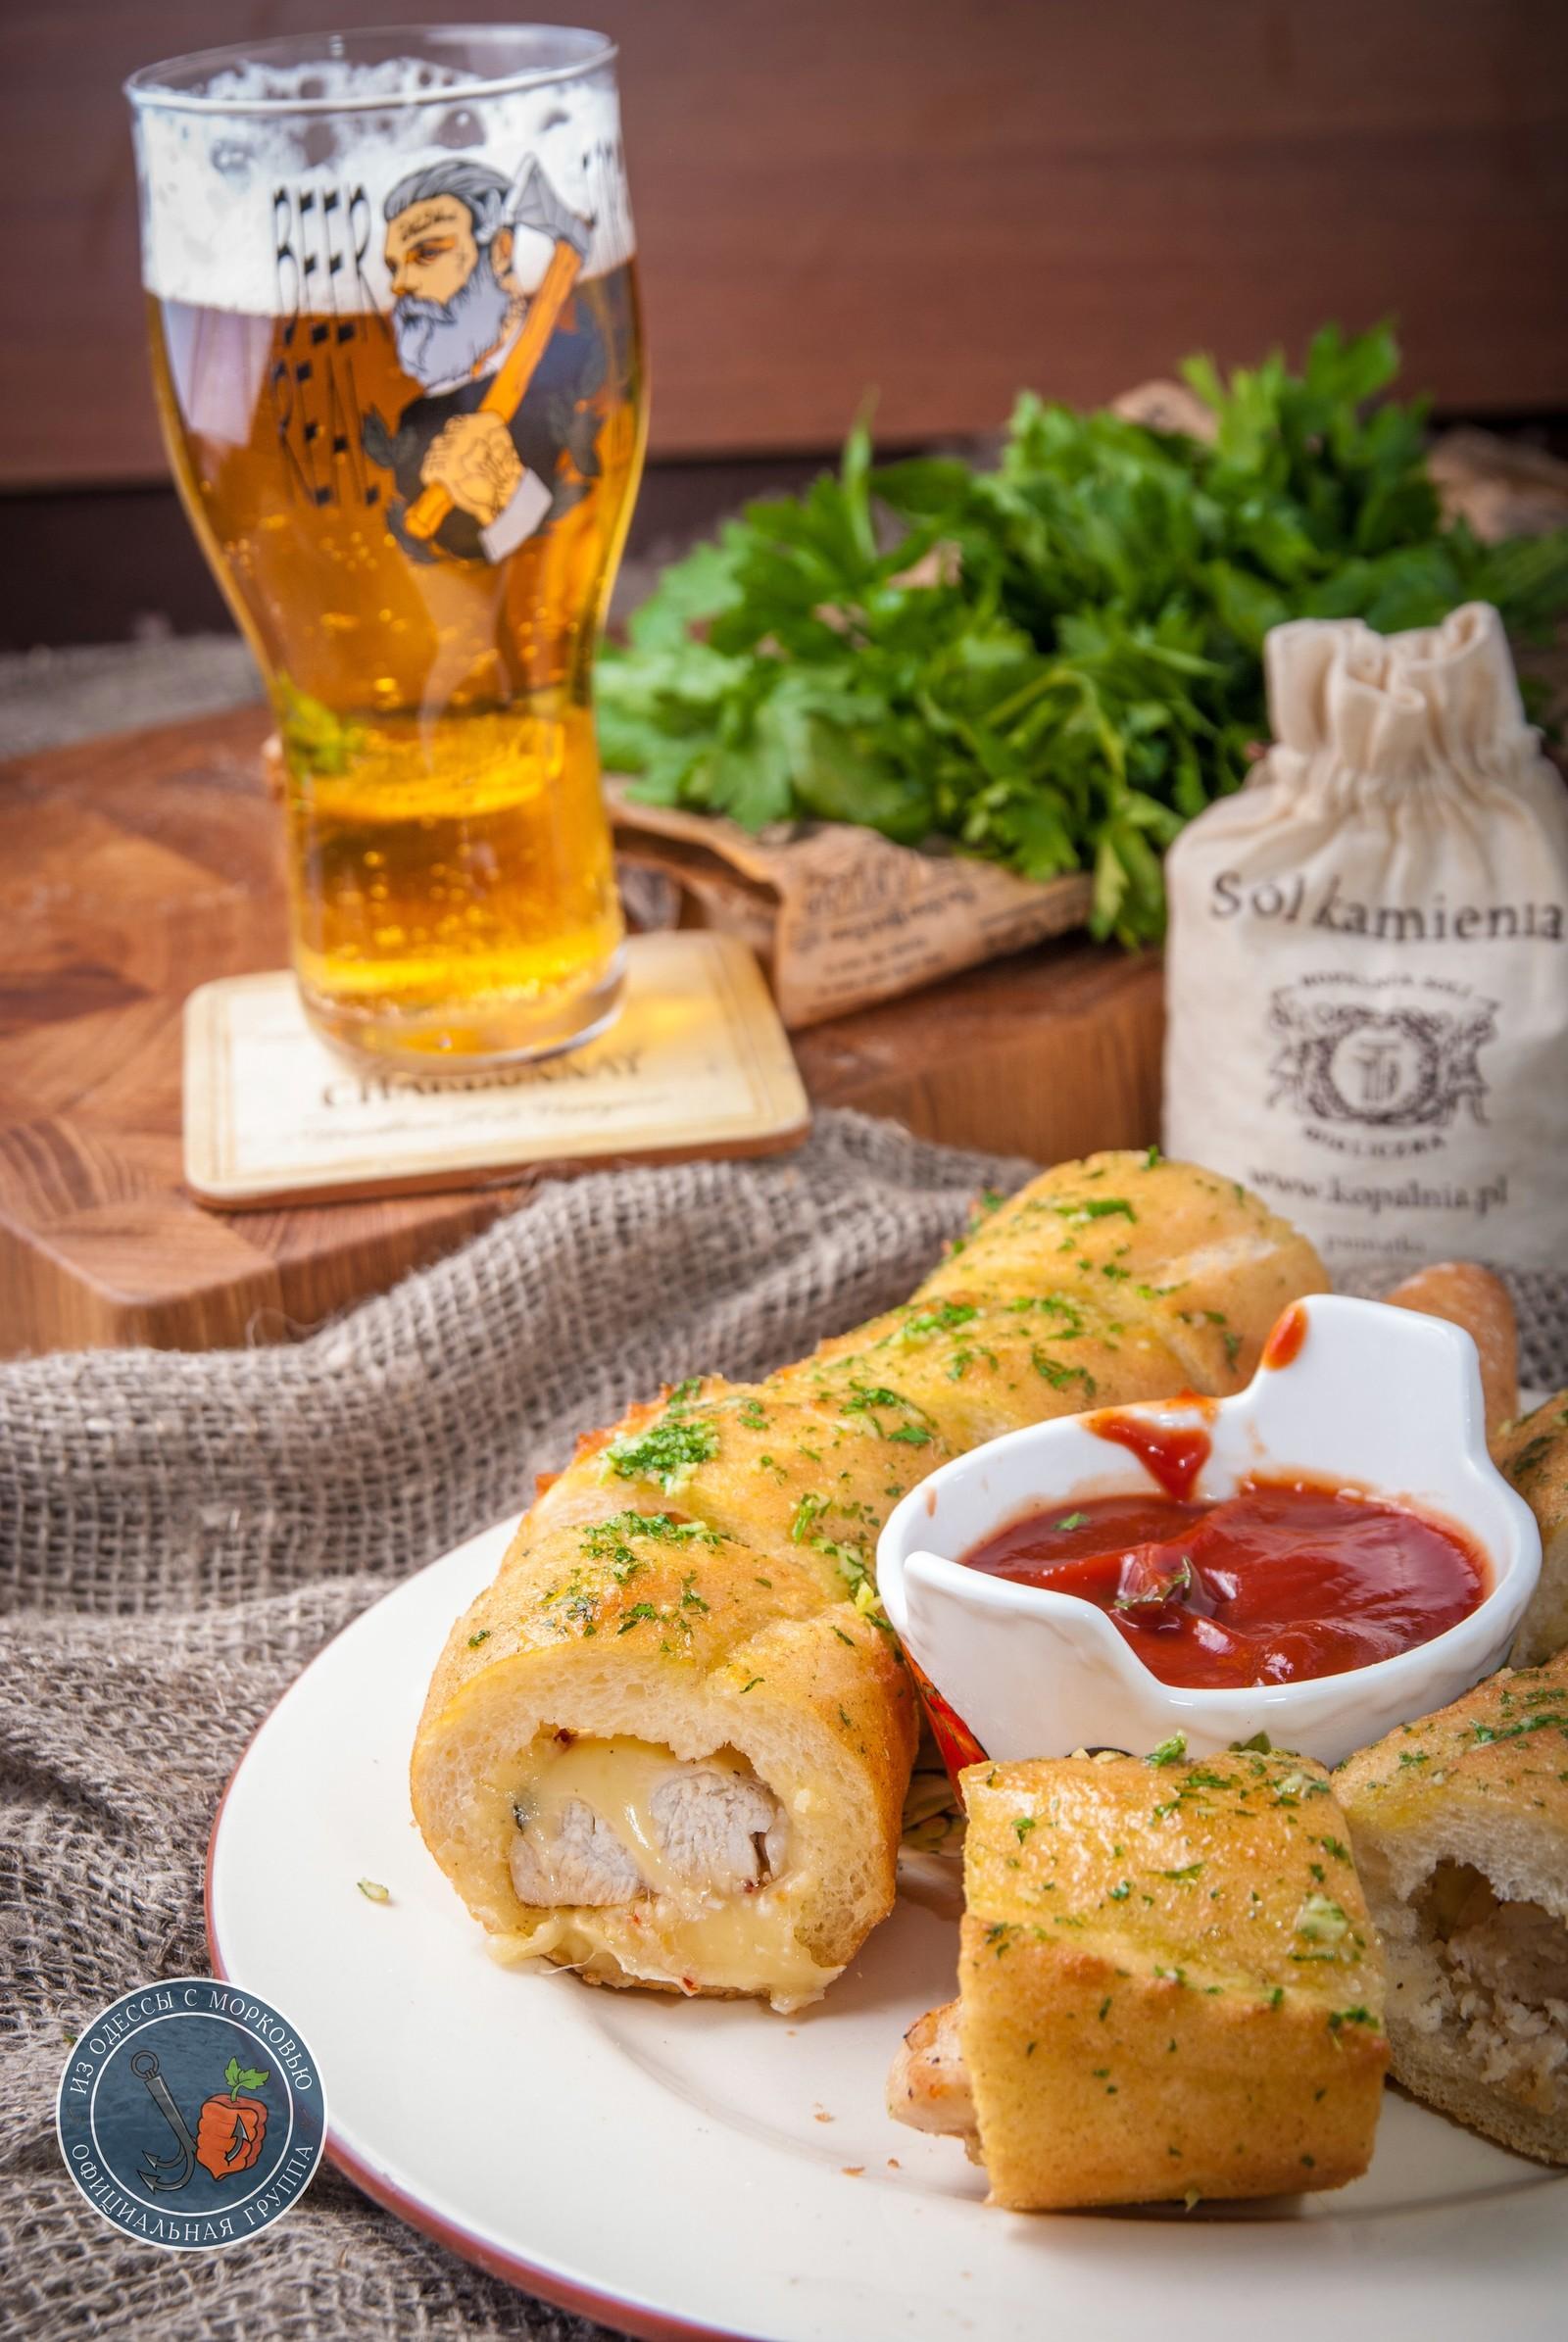 Багет с курицей, сыром и чесночным маслом